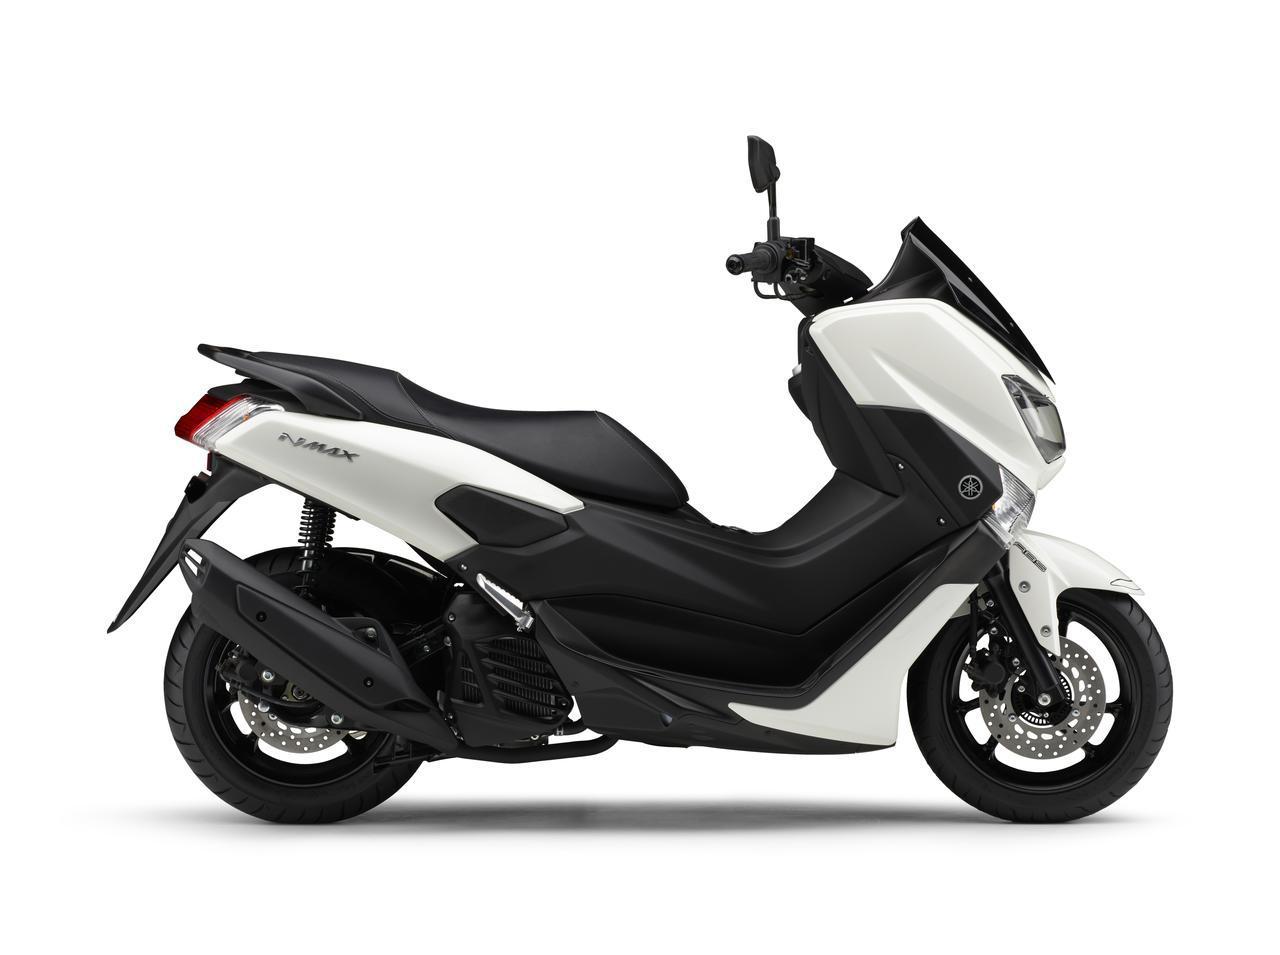 画像8: ヤマハの原付二種「NMAX ABS」2020年モデル情報|新色が4月25日に発売!【価格・発売日・カラー・スペック】